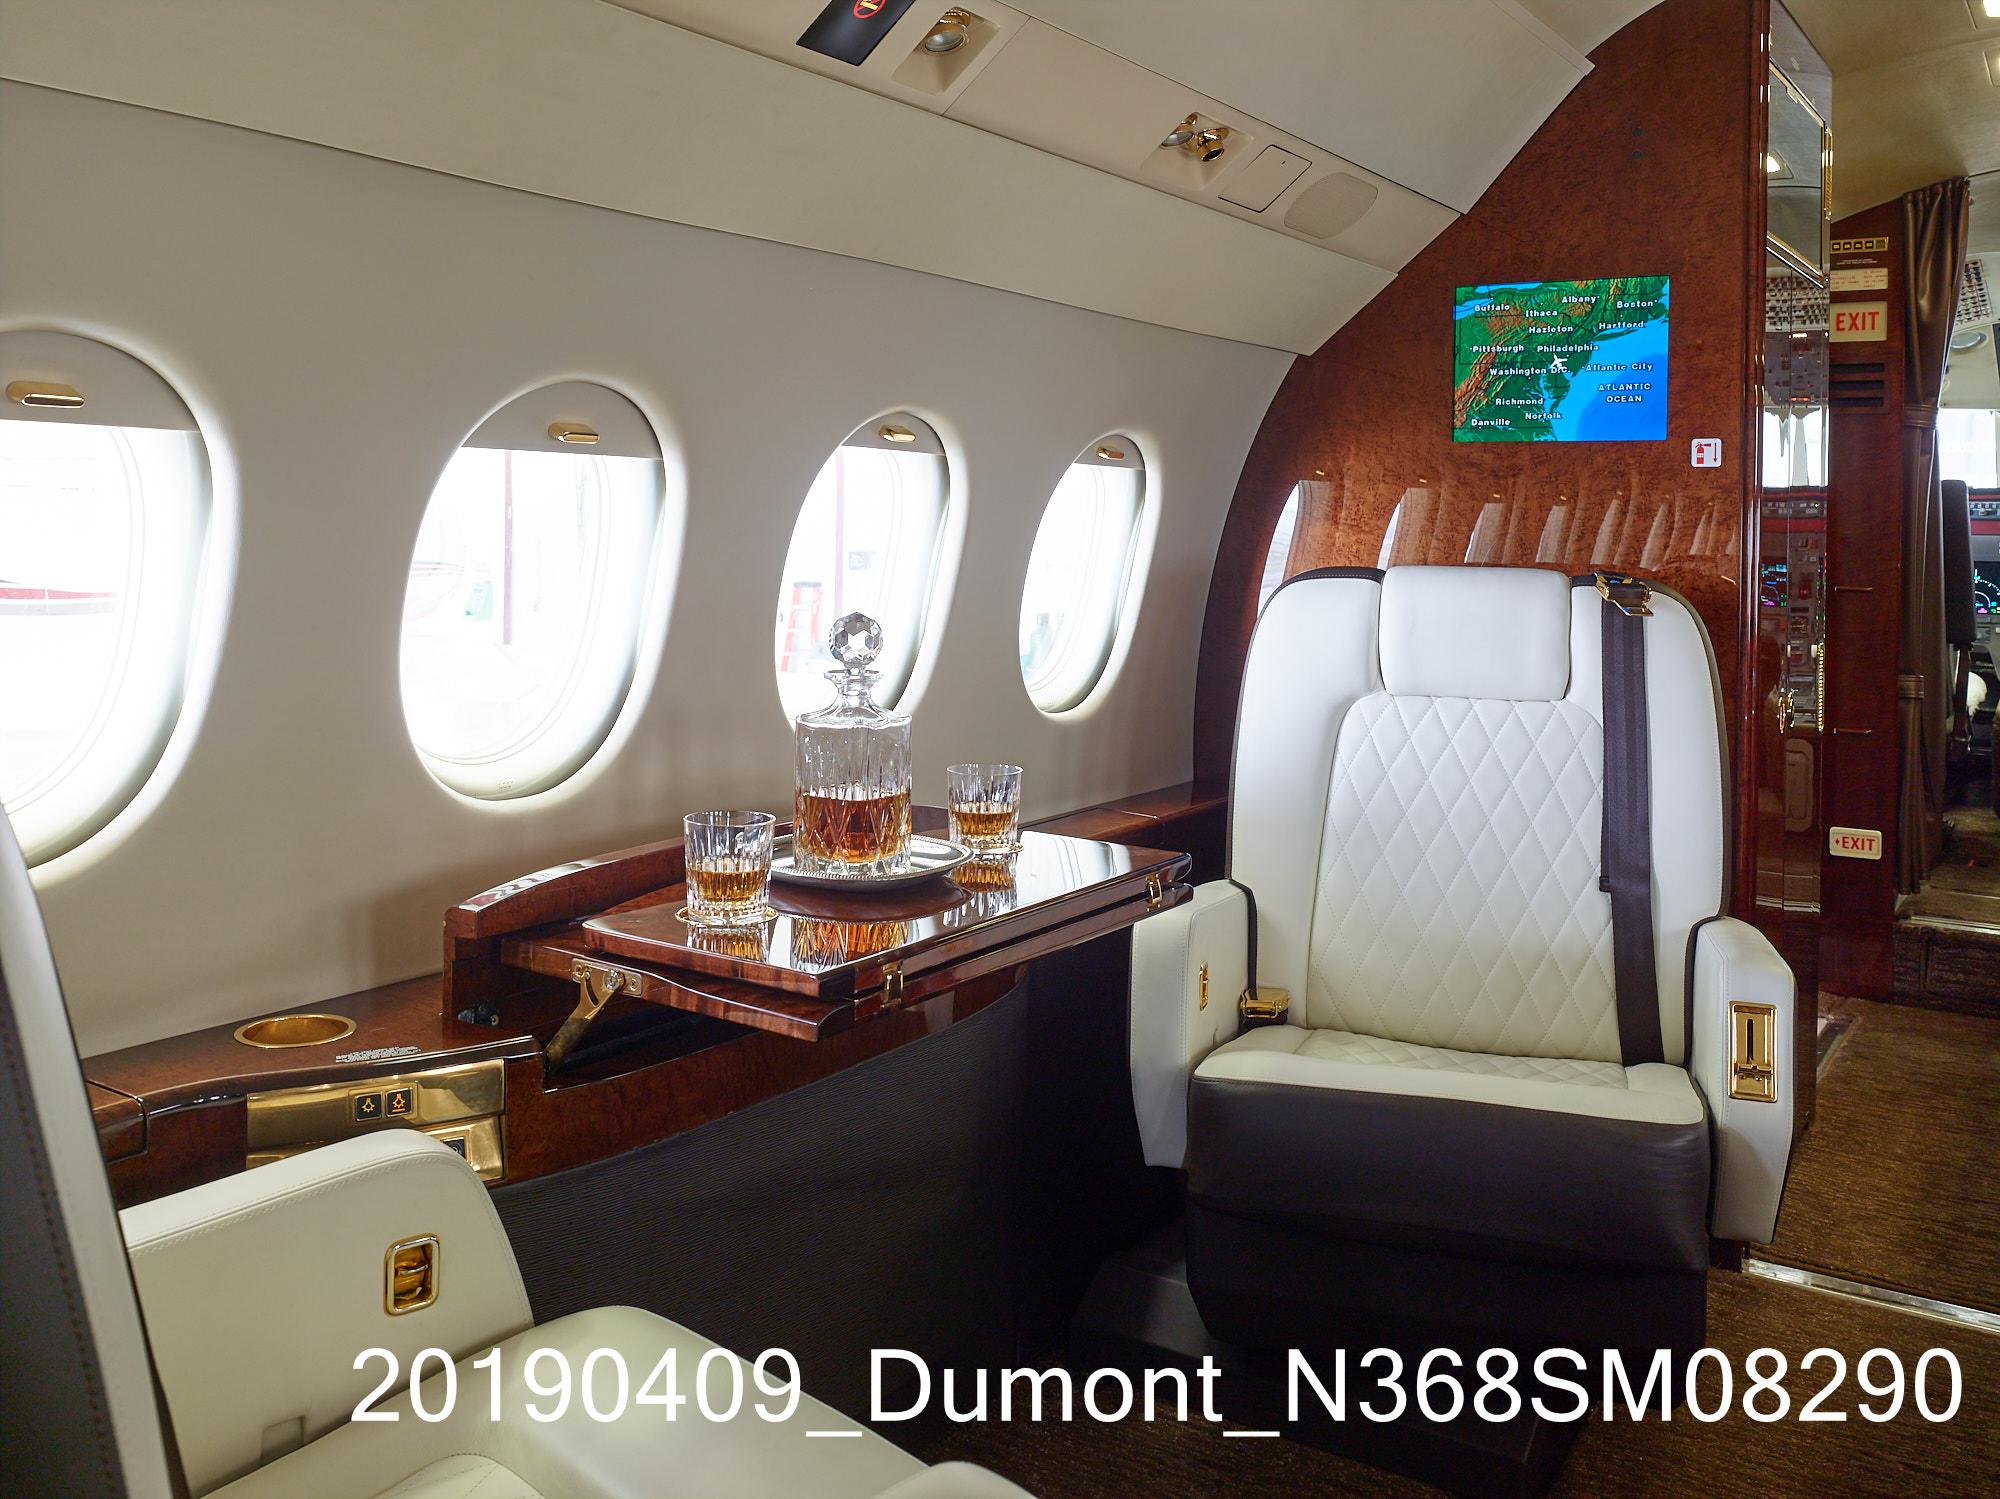 20190409_Dumont_N368SM08290.jpg